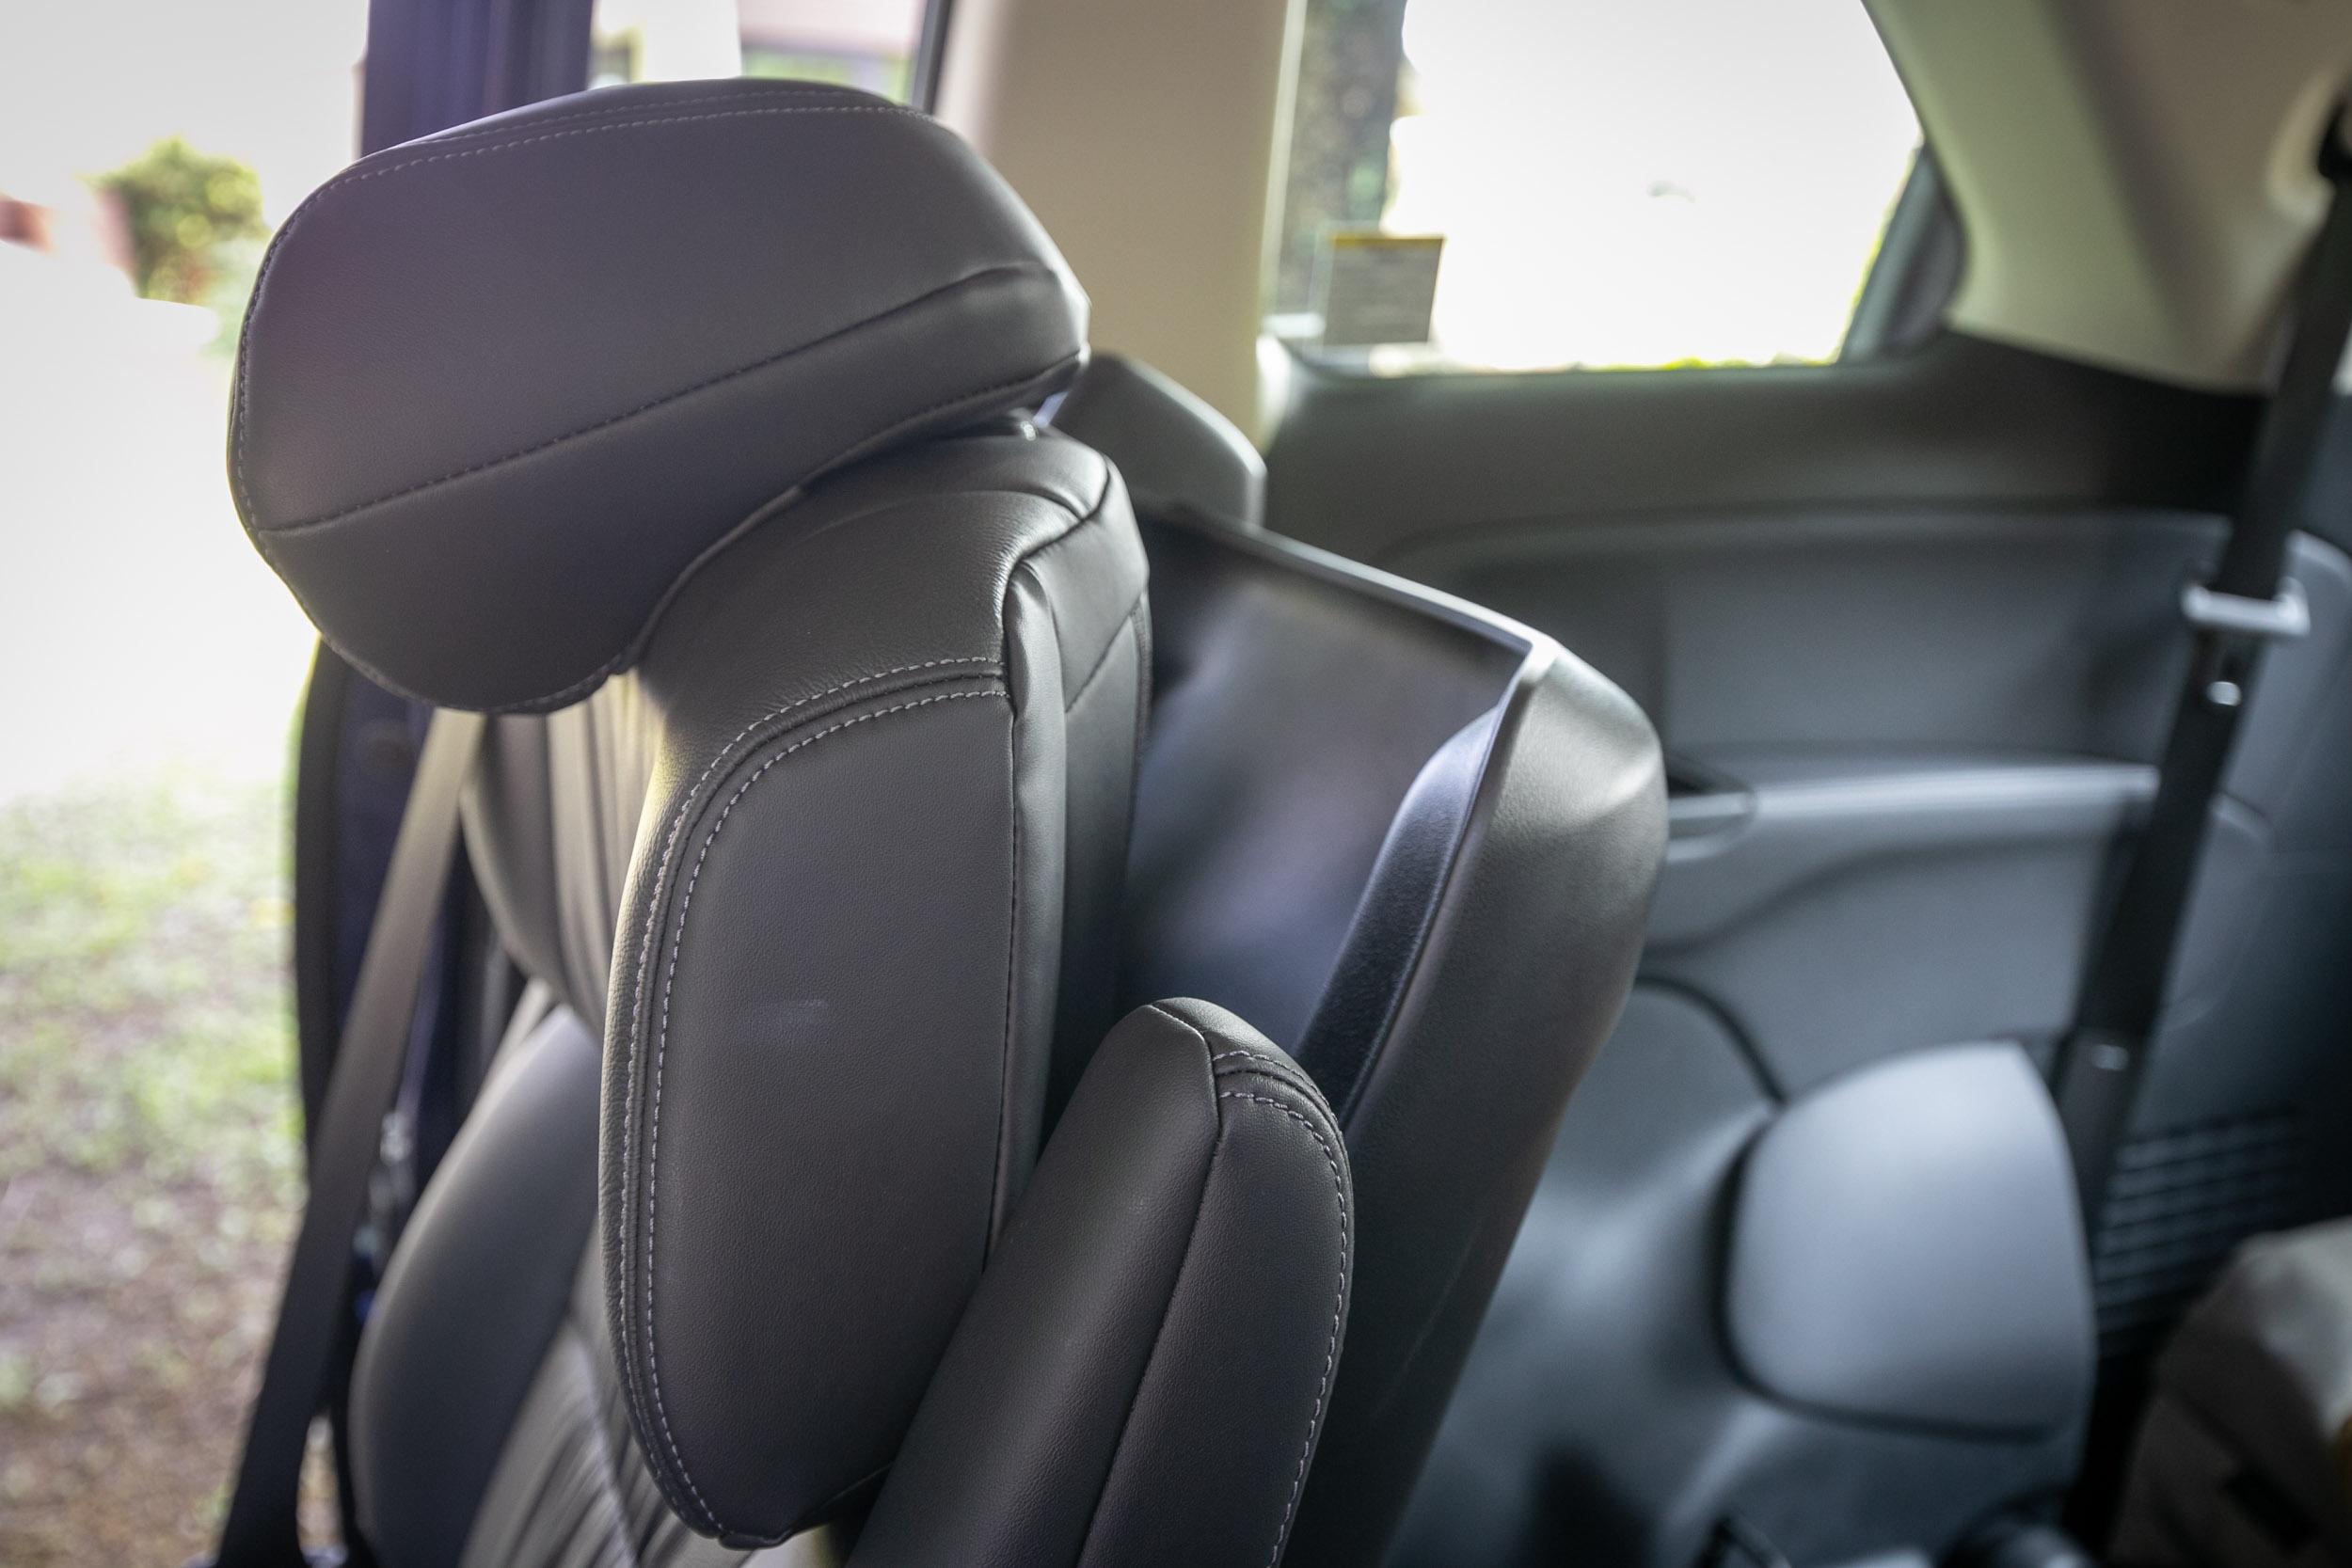 椅背上半部角度也可獨立調整。